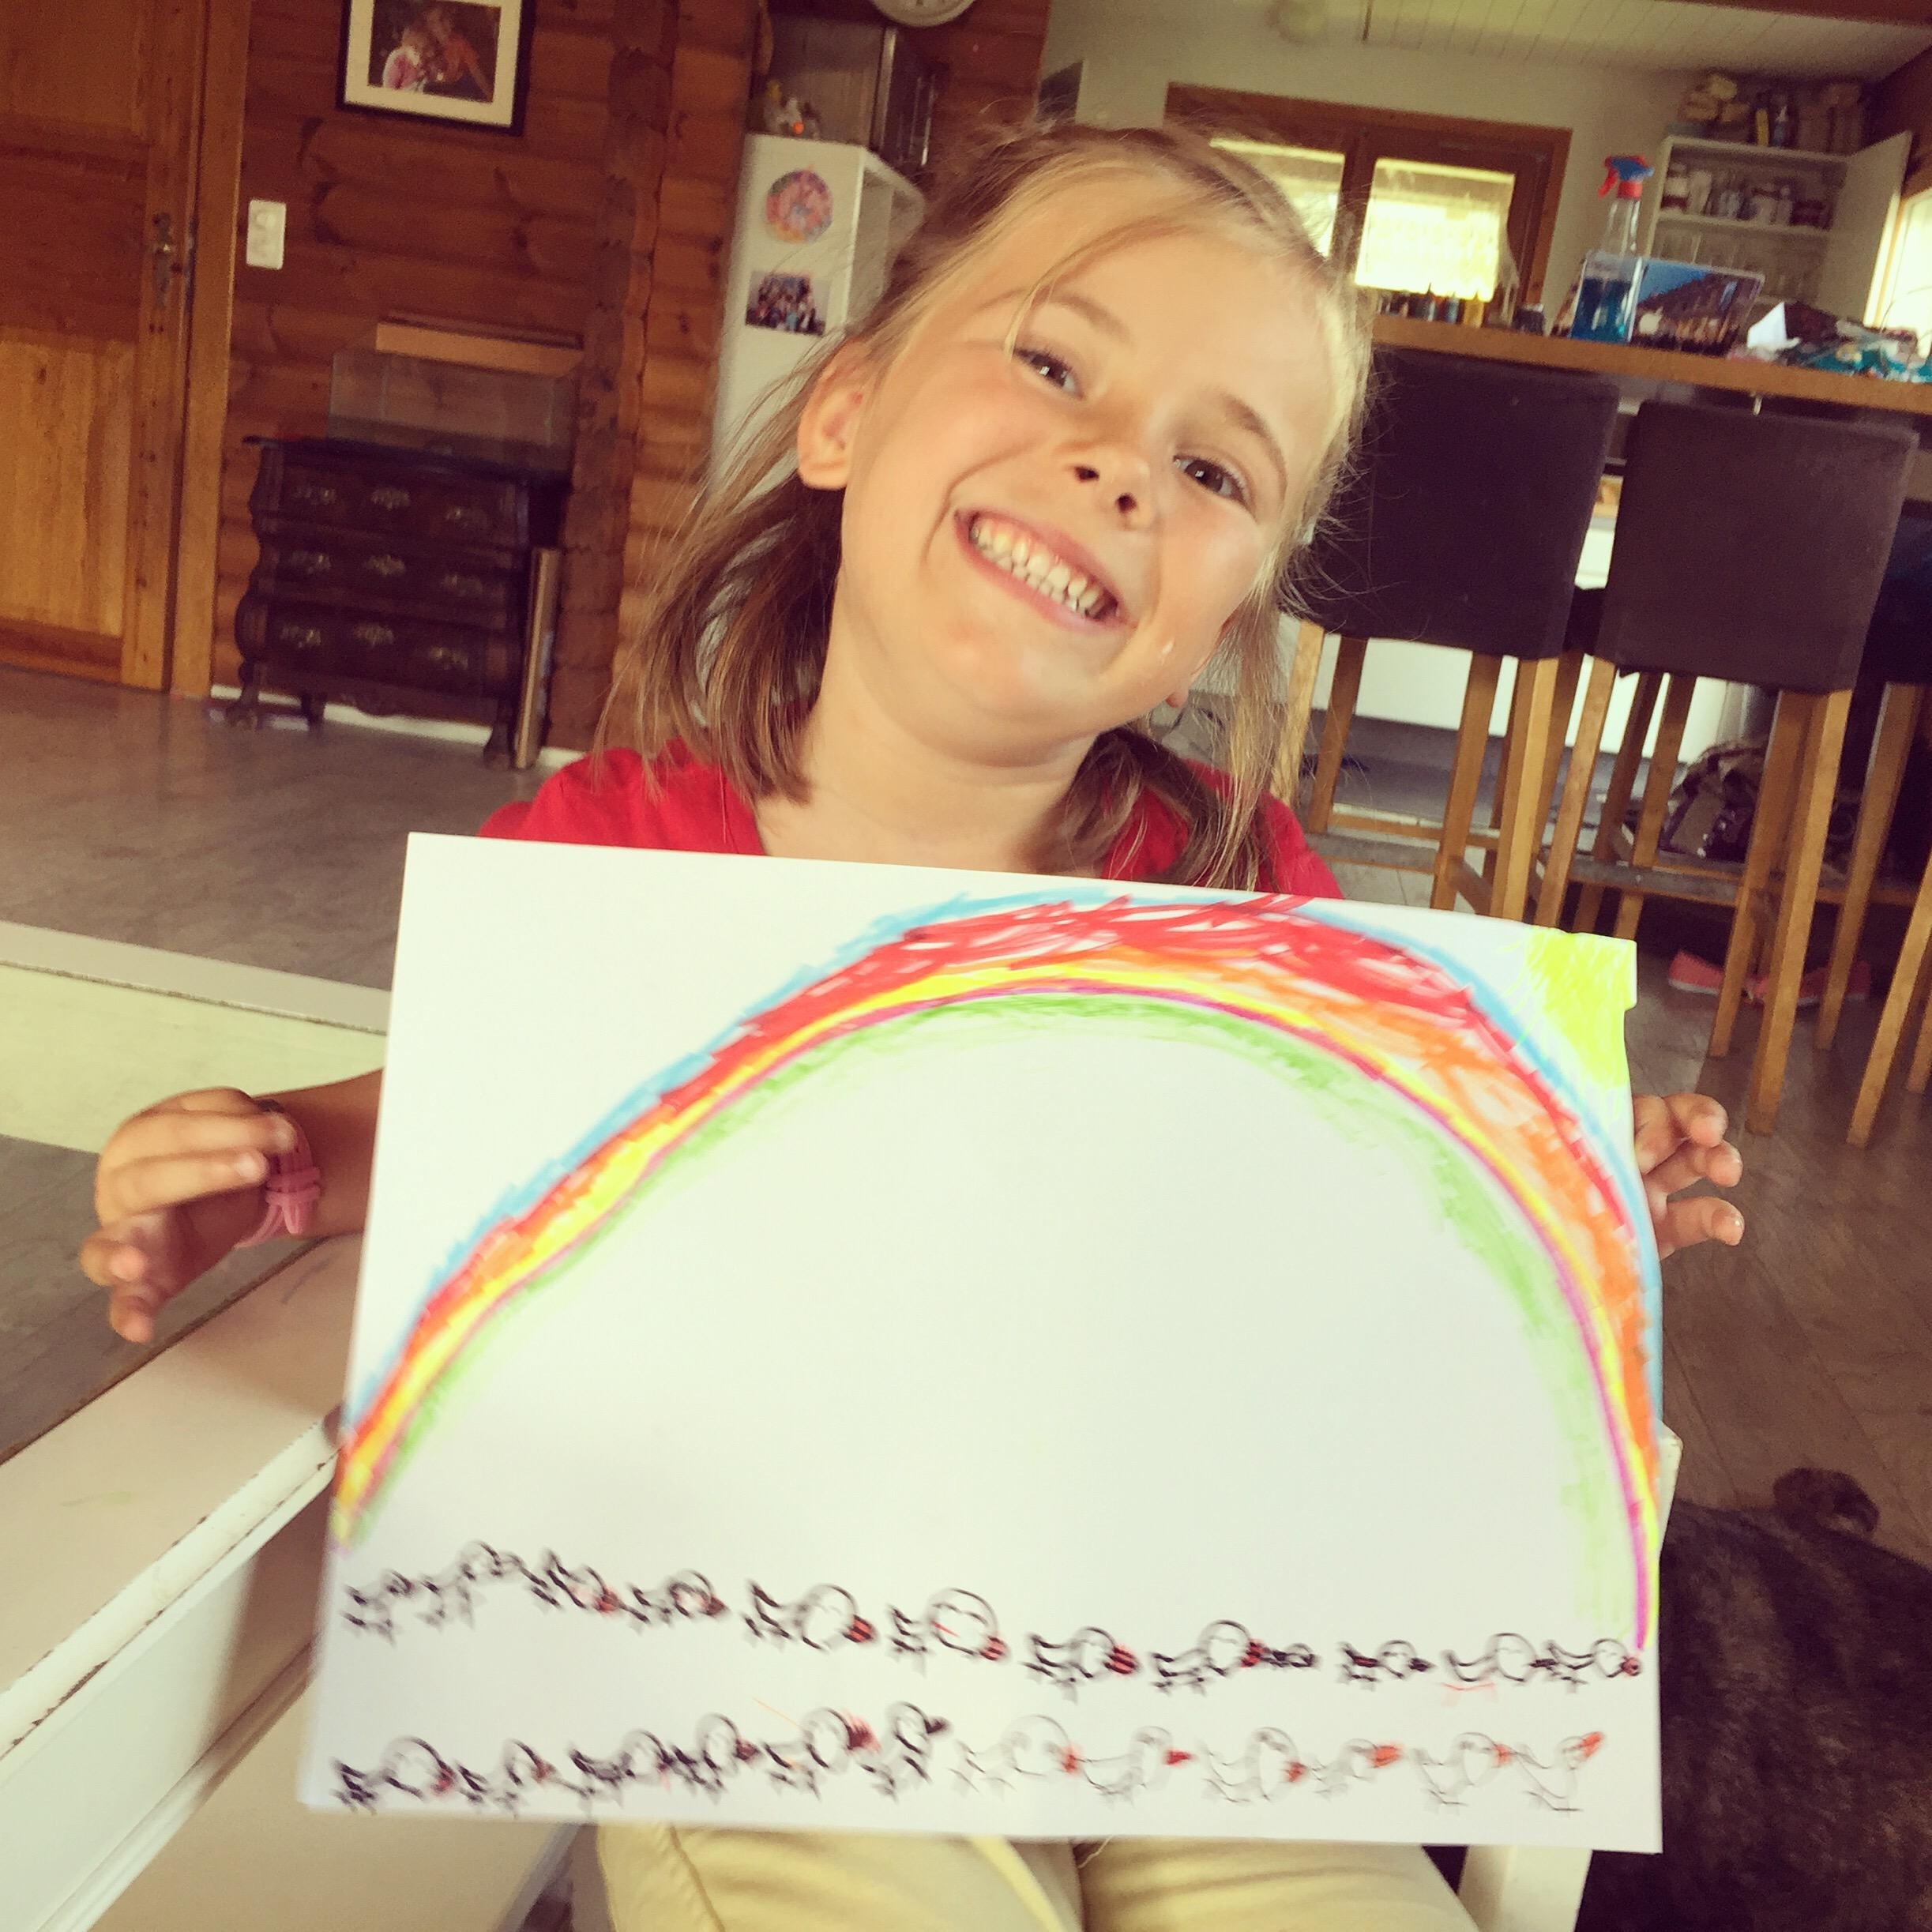 Dinsdag tekent Eva eendjes met een regenboog